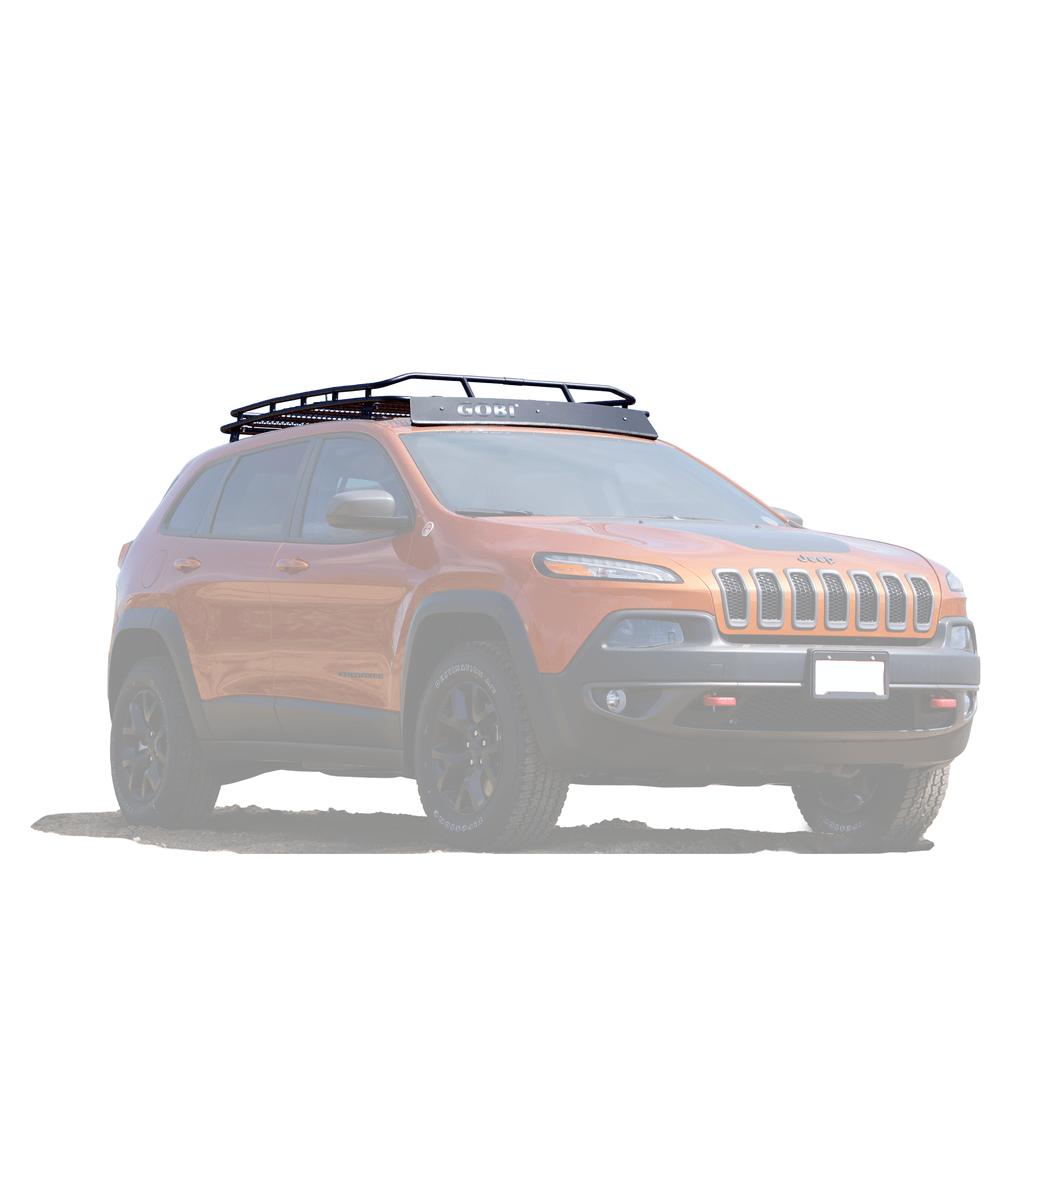 jeep cherokee kl stealth rack multi light setup no sunroof